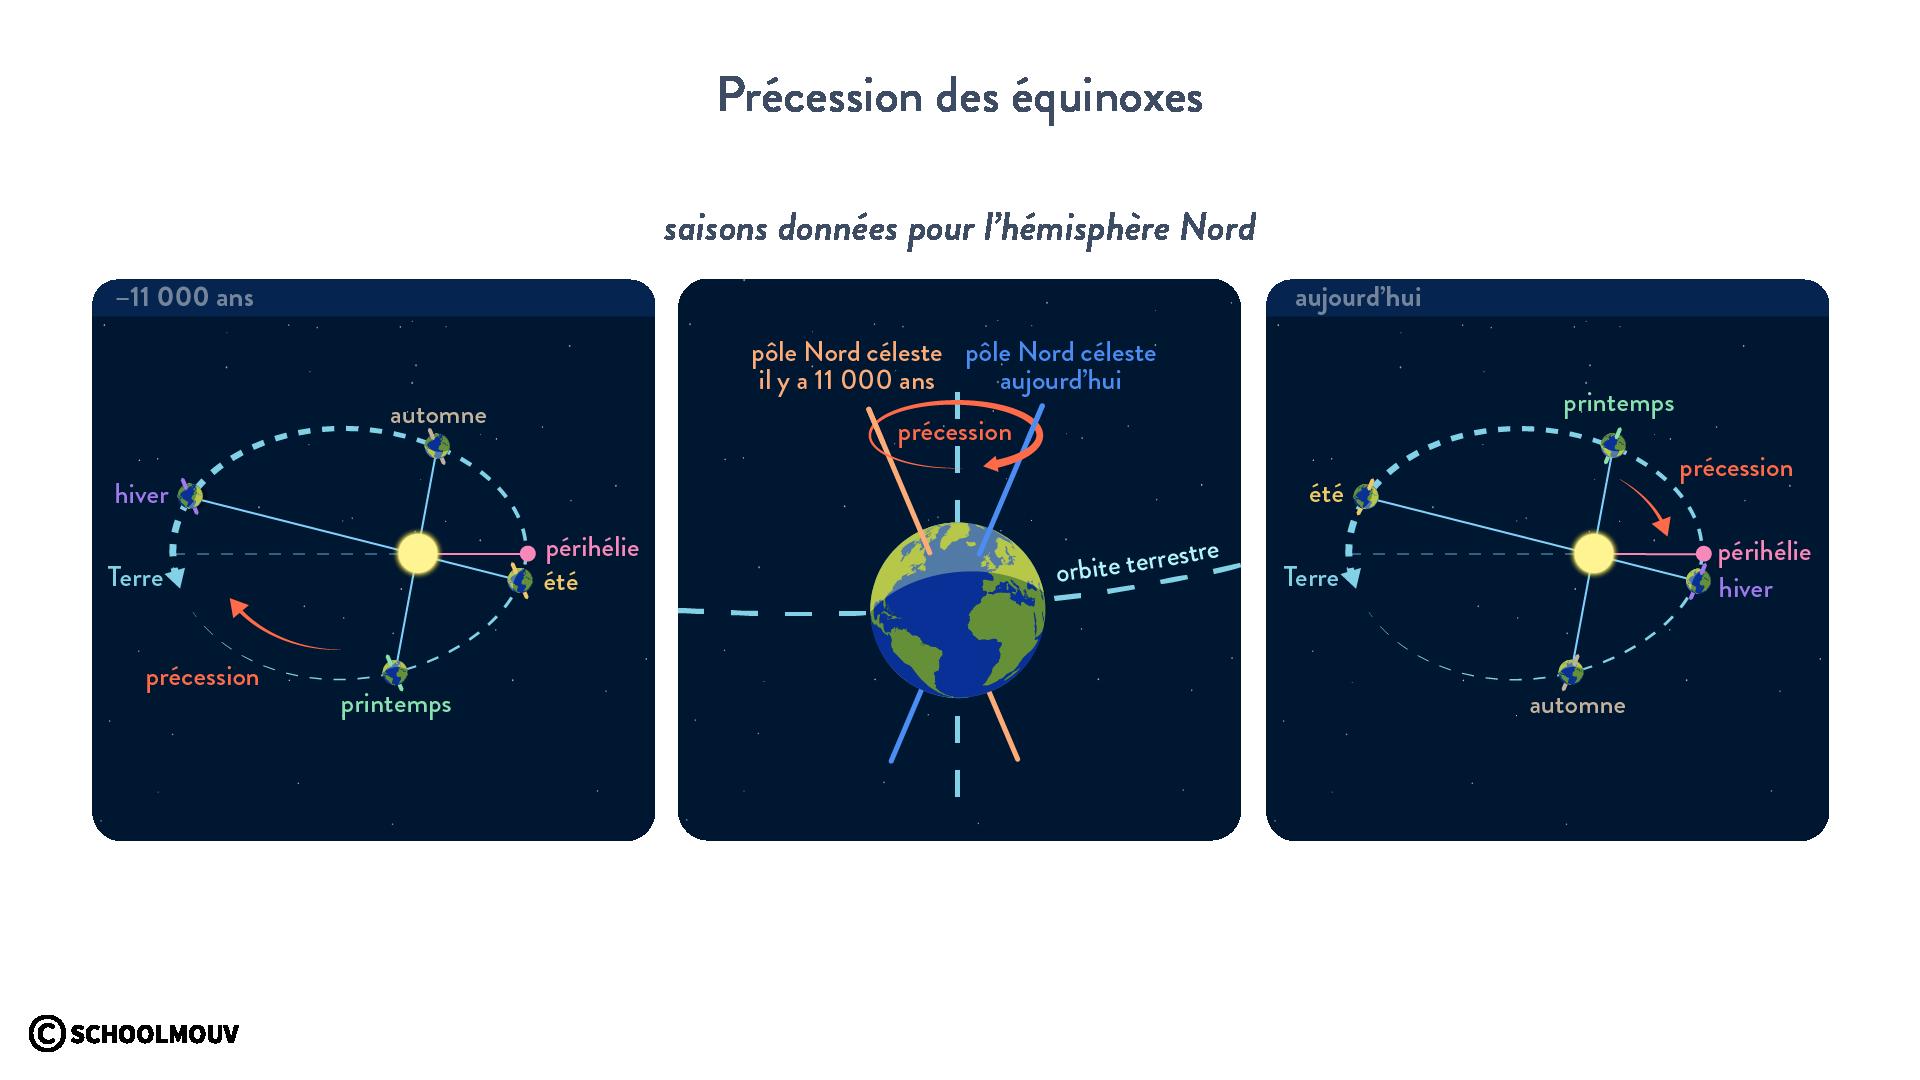 précession des équinoxes